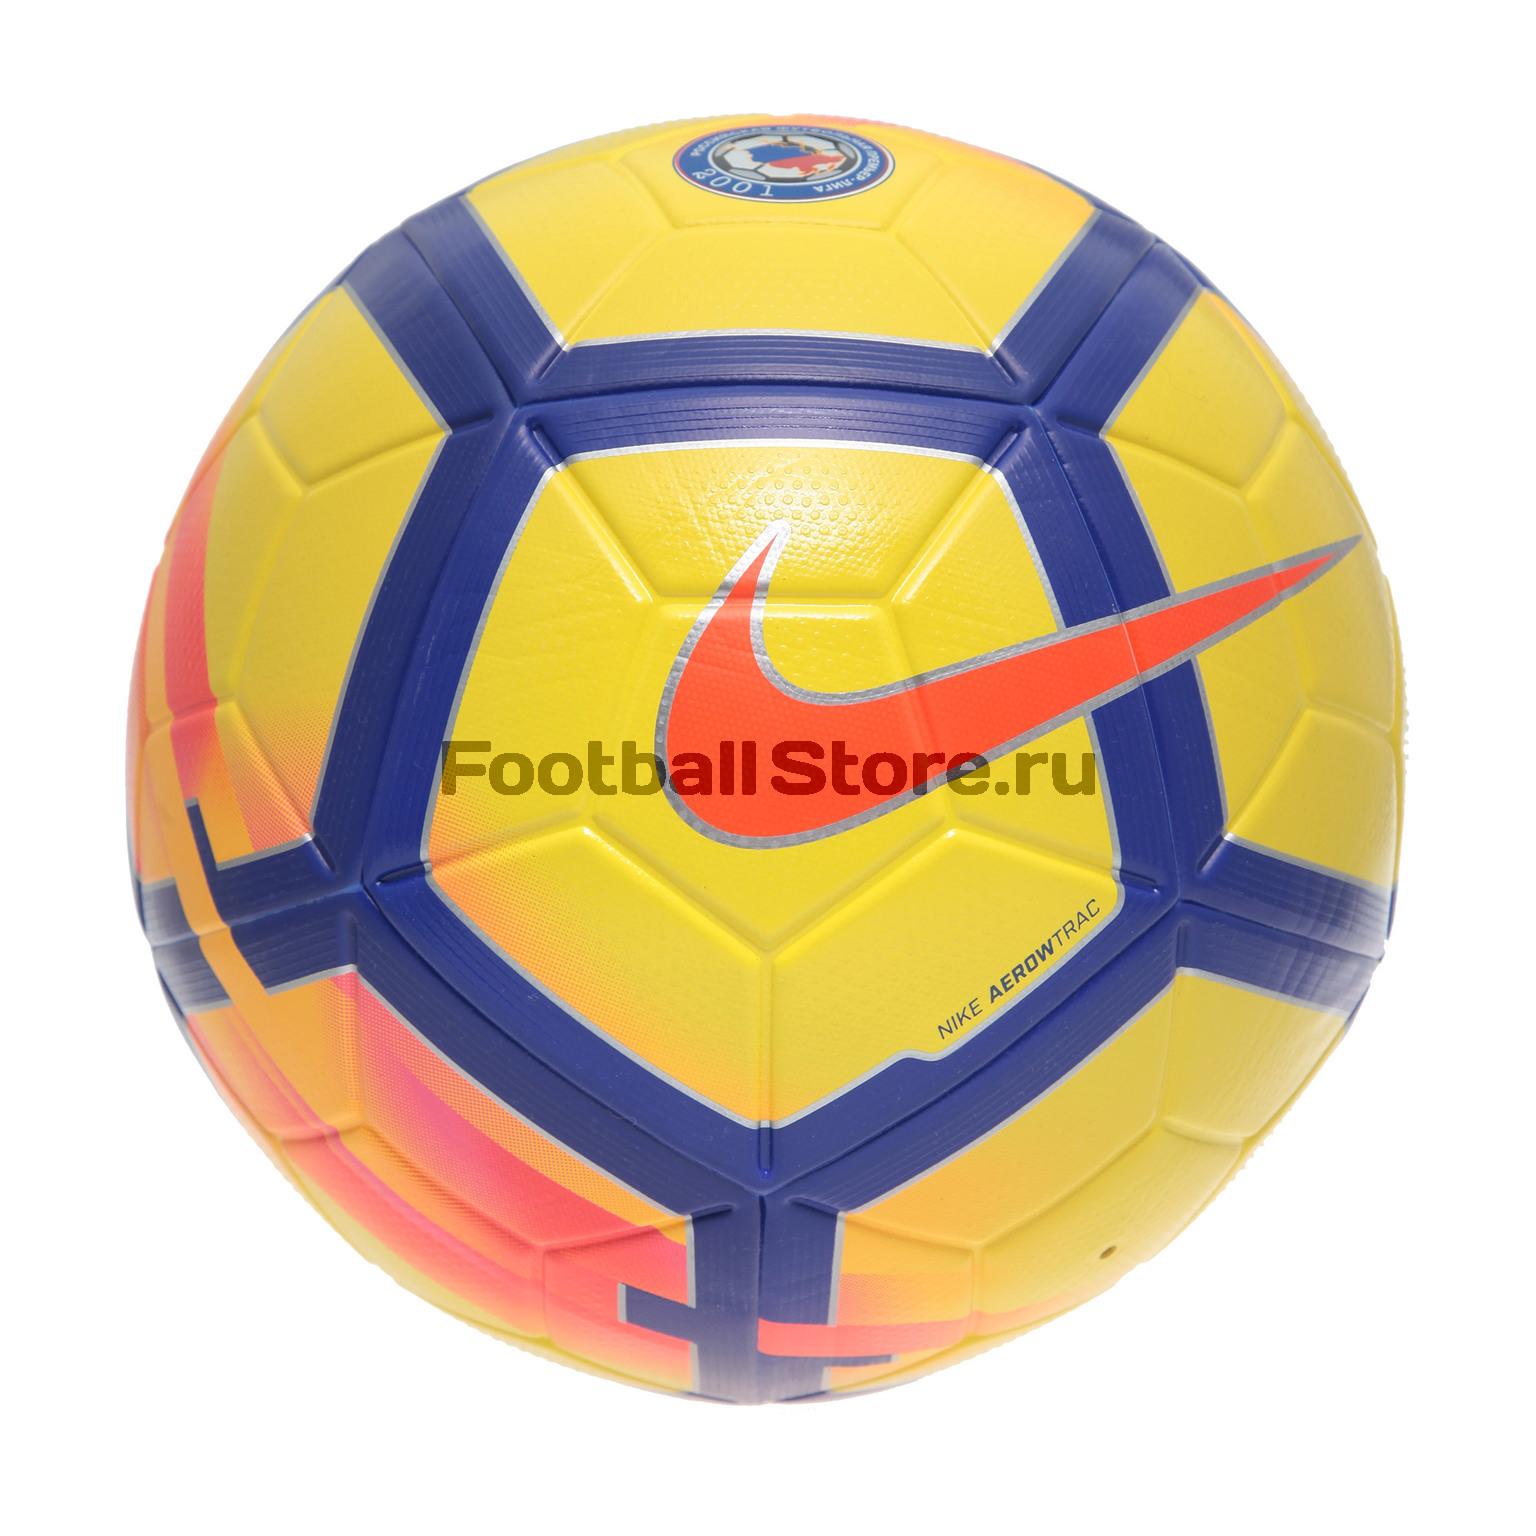 Официальный футбольный мяч РФПЛ Nike Ordem V SC3488-707 классические nike мяч футбольный nike ordem 5 sc3128 100